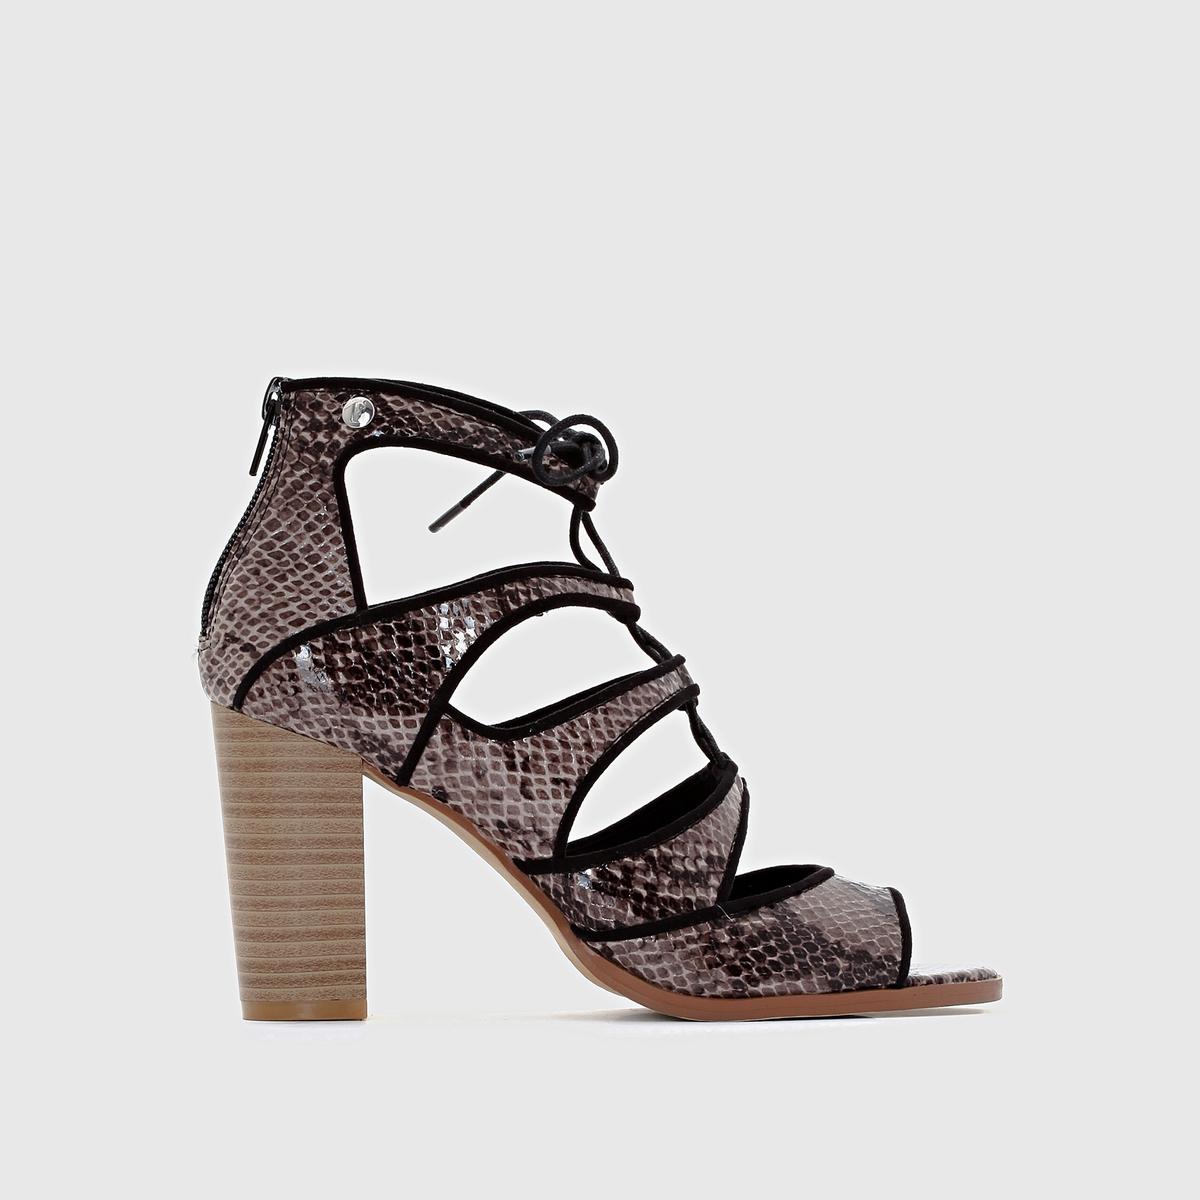 Босоножки на высоком каблуке ELLEБосоножки на высоком каблуке от ELLE - модель CARG?SE.Верх: синтетический материал.Подкладка: синтетический материал.Стелька: кожа.Подошва: синтетический материал. Застежка: молния сзади.<br><br>Цвет: черный/змеиный рисунок<br>Размер: 37